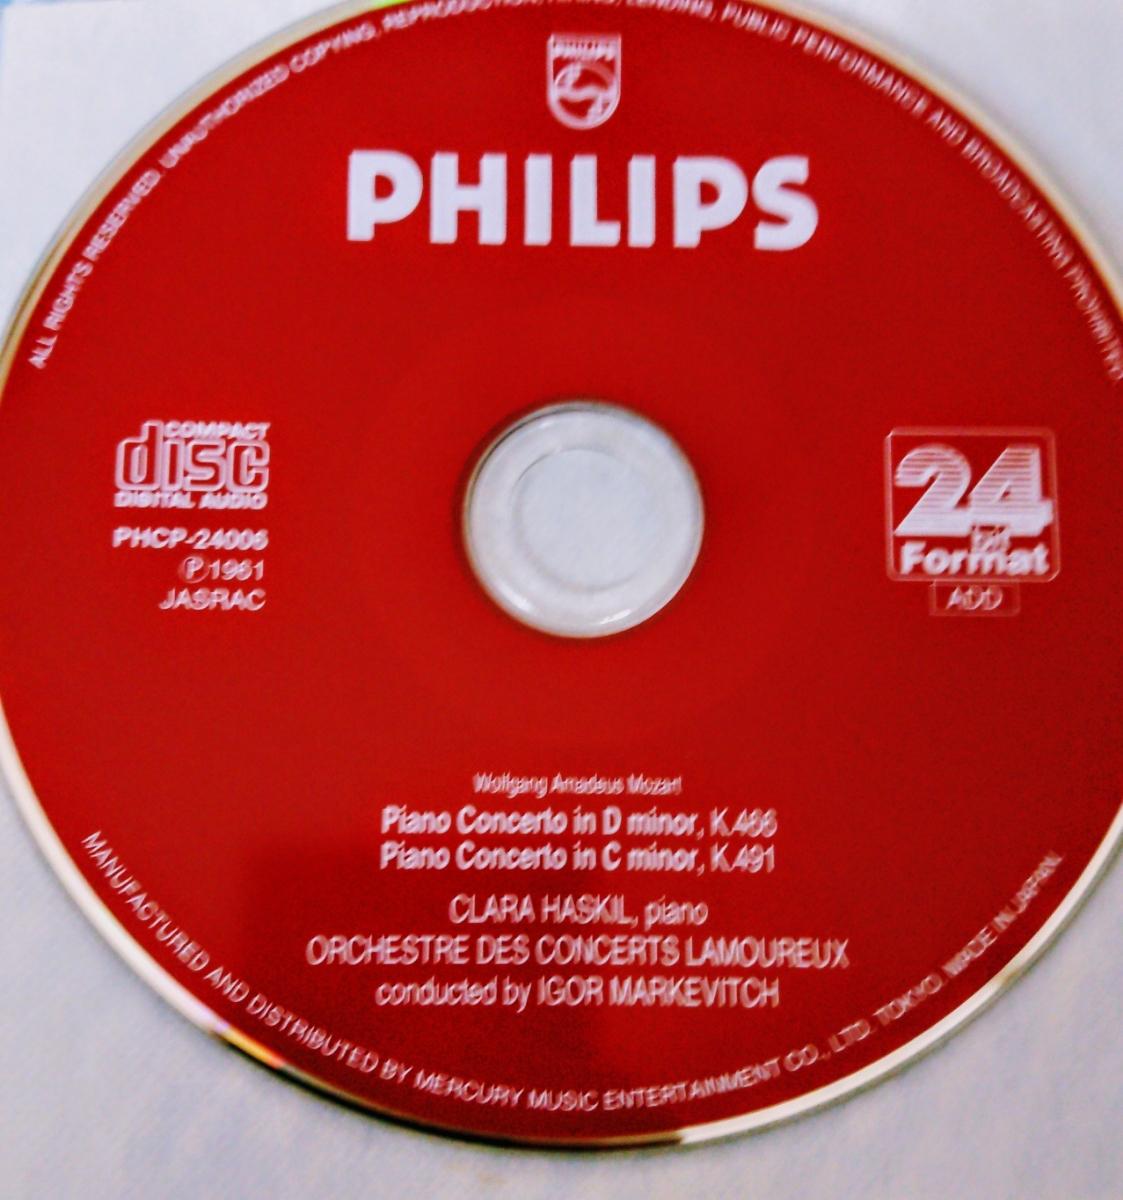 紙ジャケ24ビット盤CD/ハスキル:モーツァルトPf協奏曲第20&24番(国内盤、中古品、帯なし)_画像3